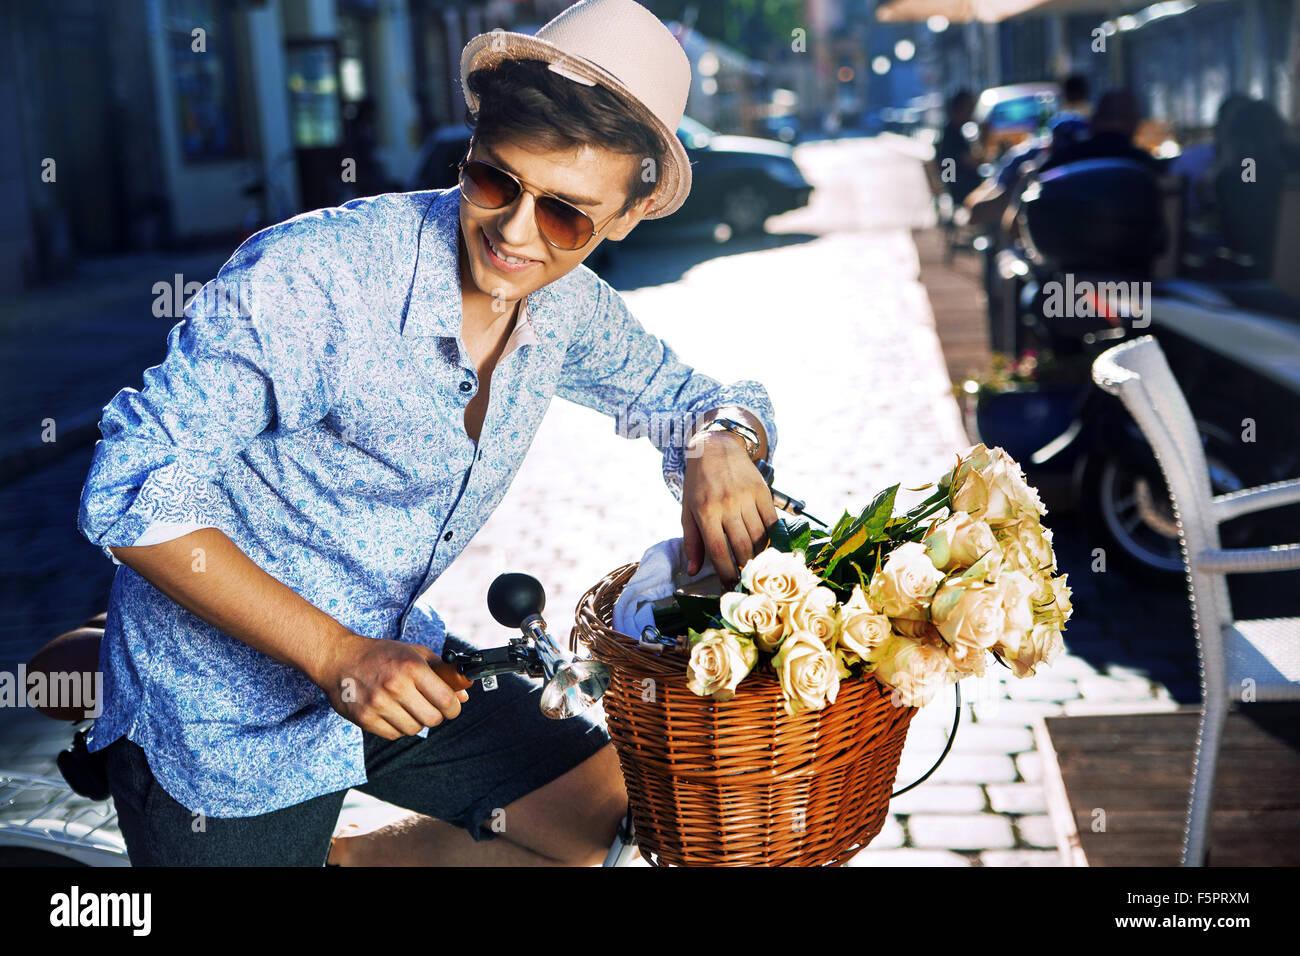 Apuesto joven con una elegante bicicleta Imagen De Stock